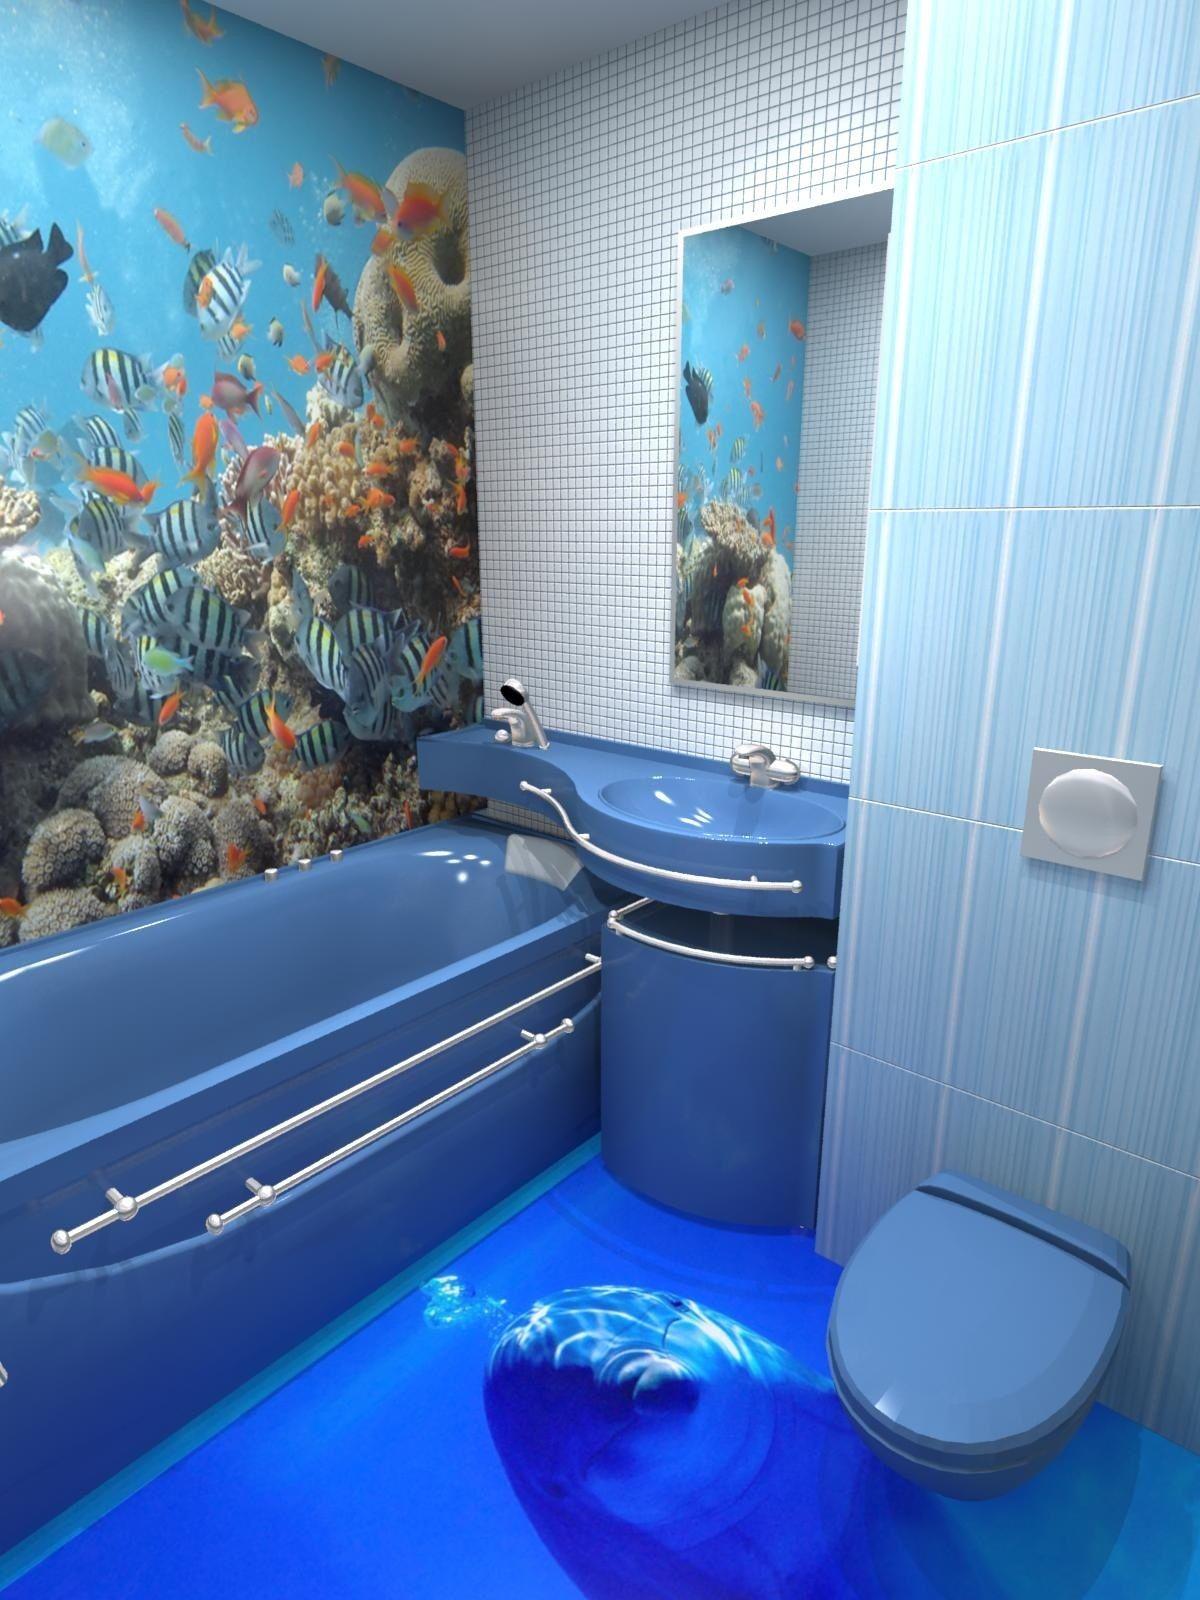 Синяя плитка в полоску в ванной